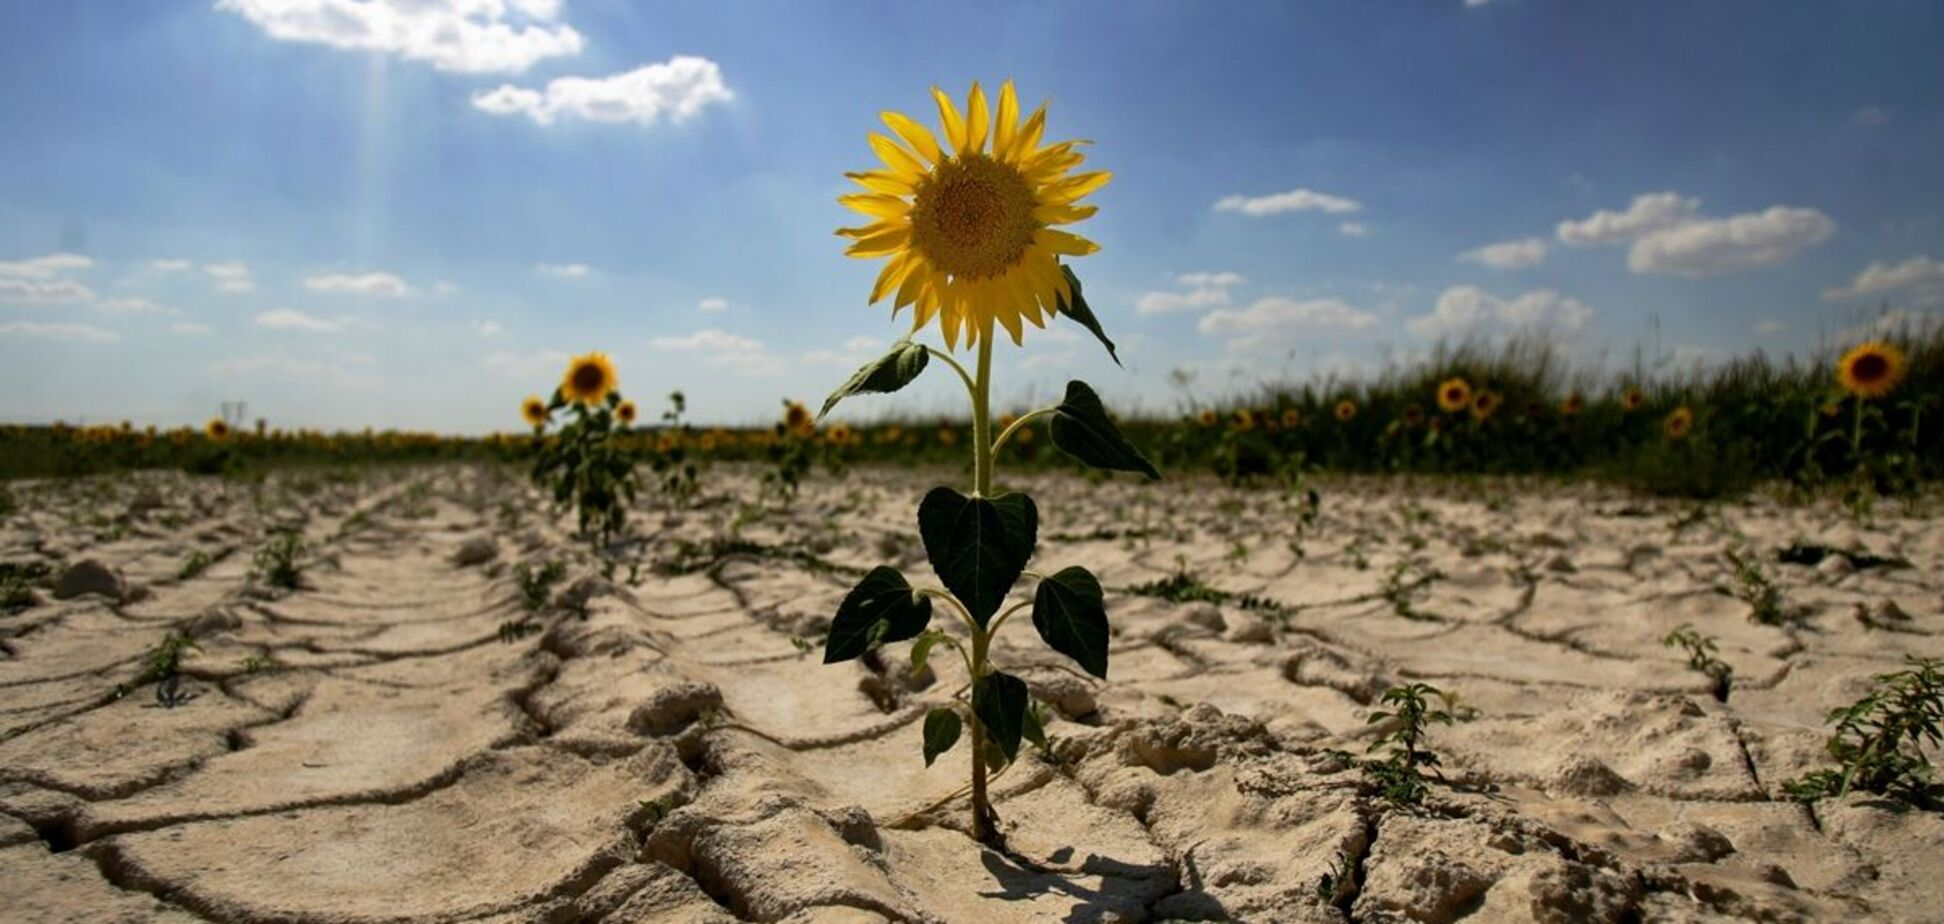 Українці продовжують завдавати шкоди природі